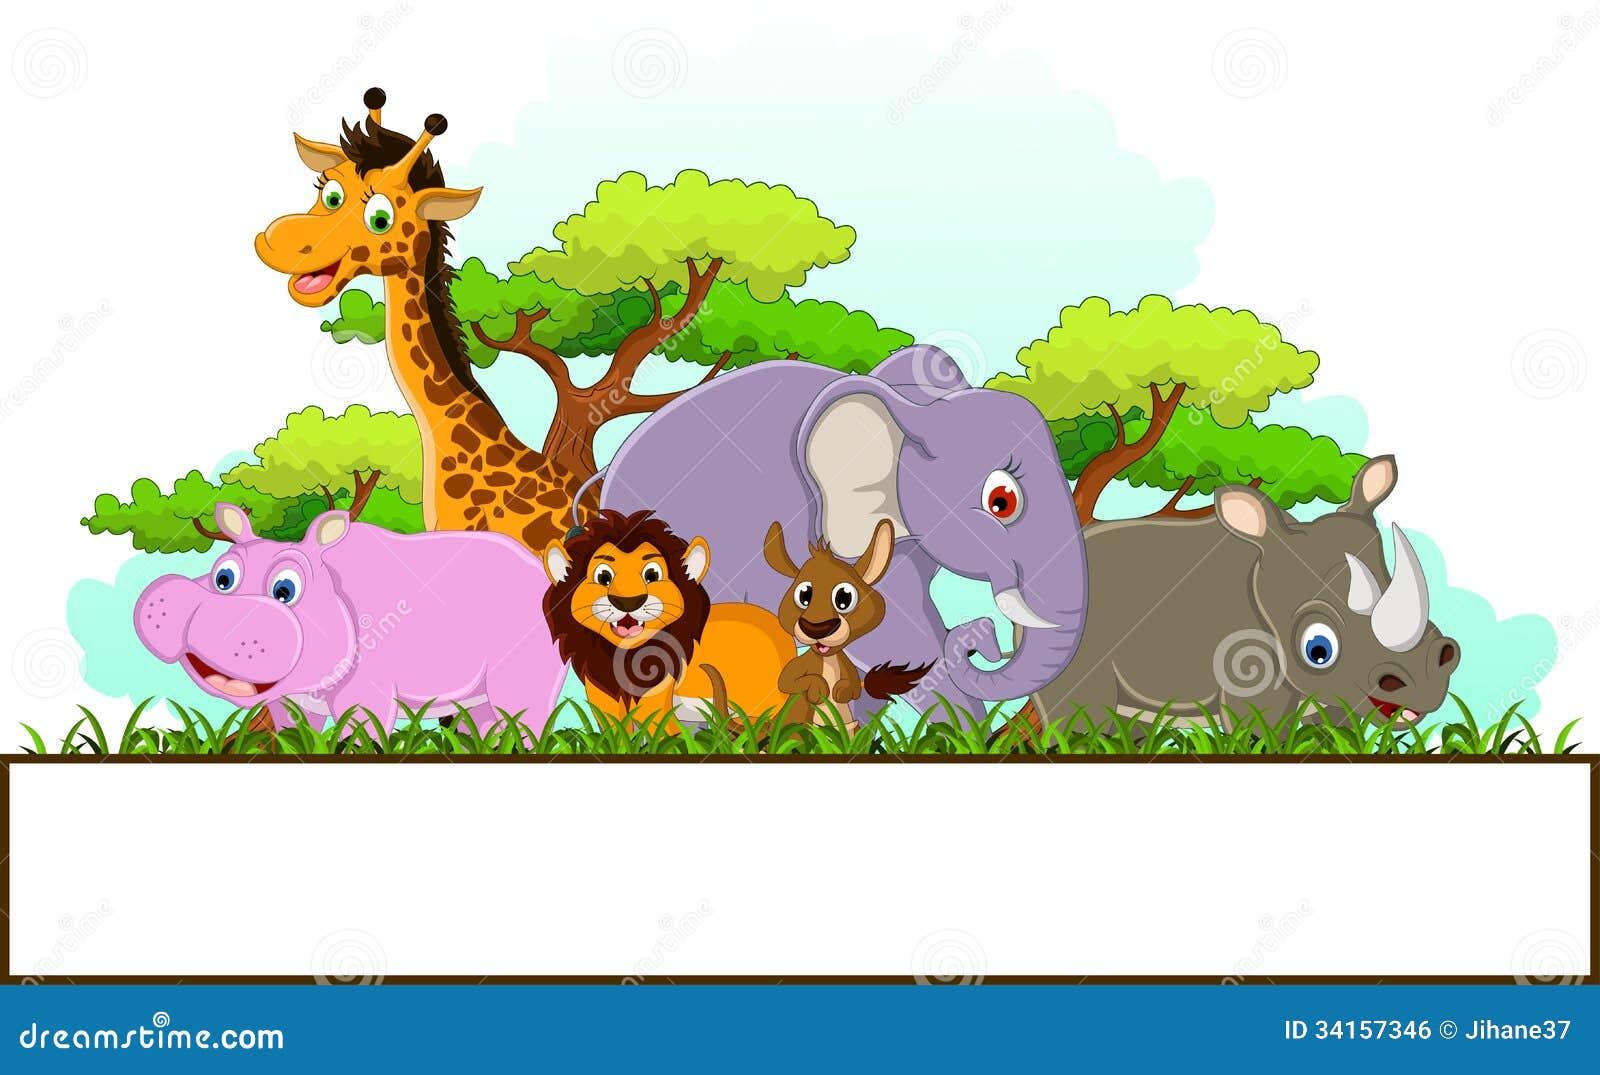 动物动画片的例证与空白的标志和热带森林背景的.图片